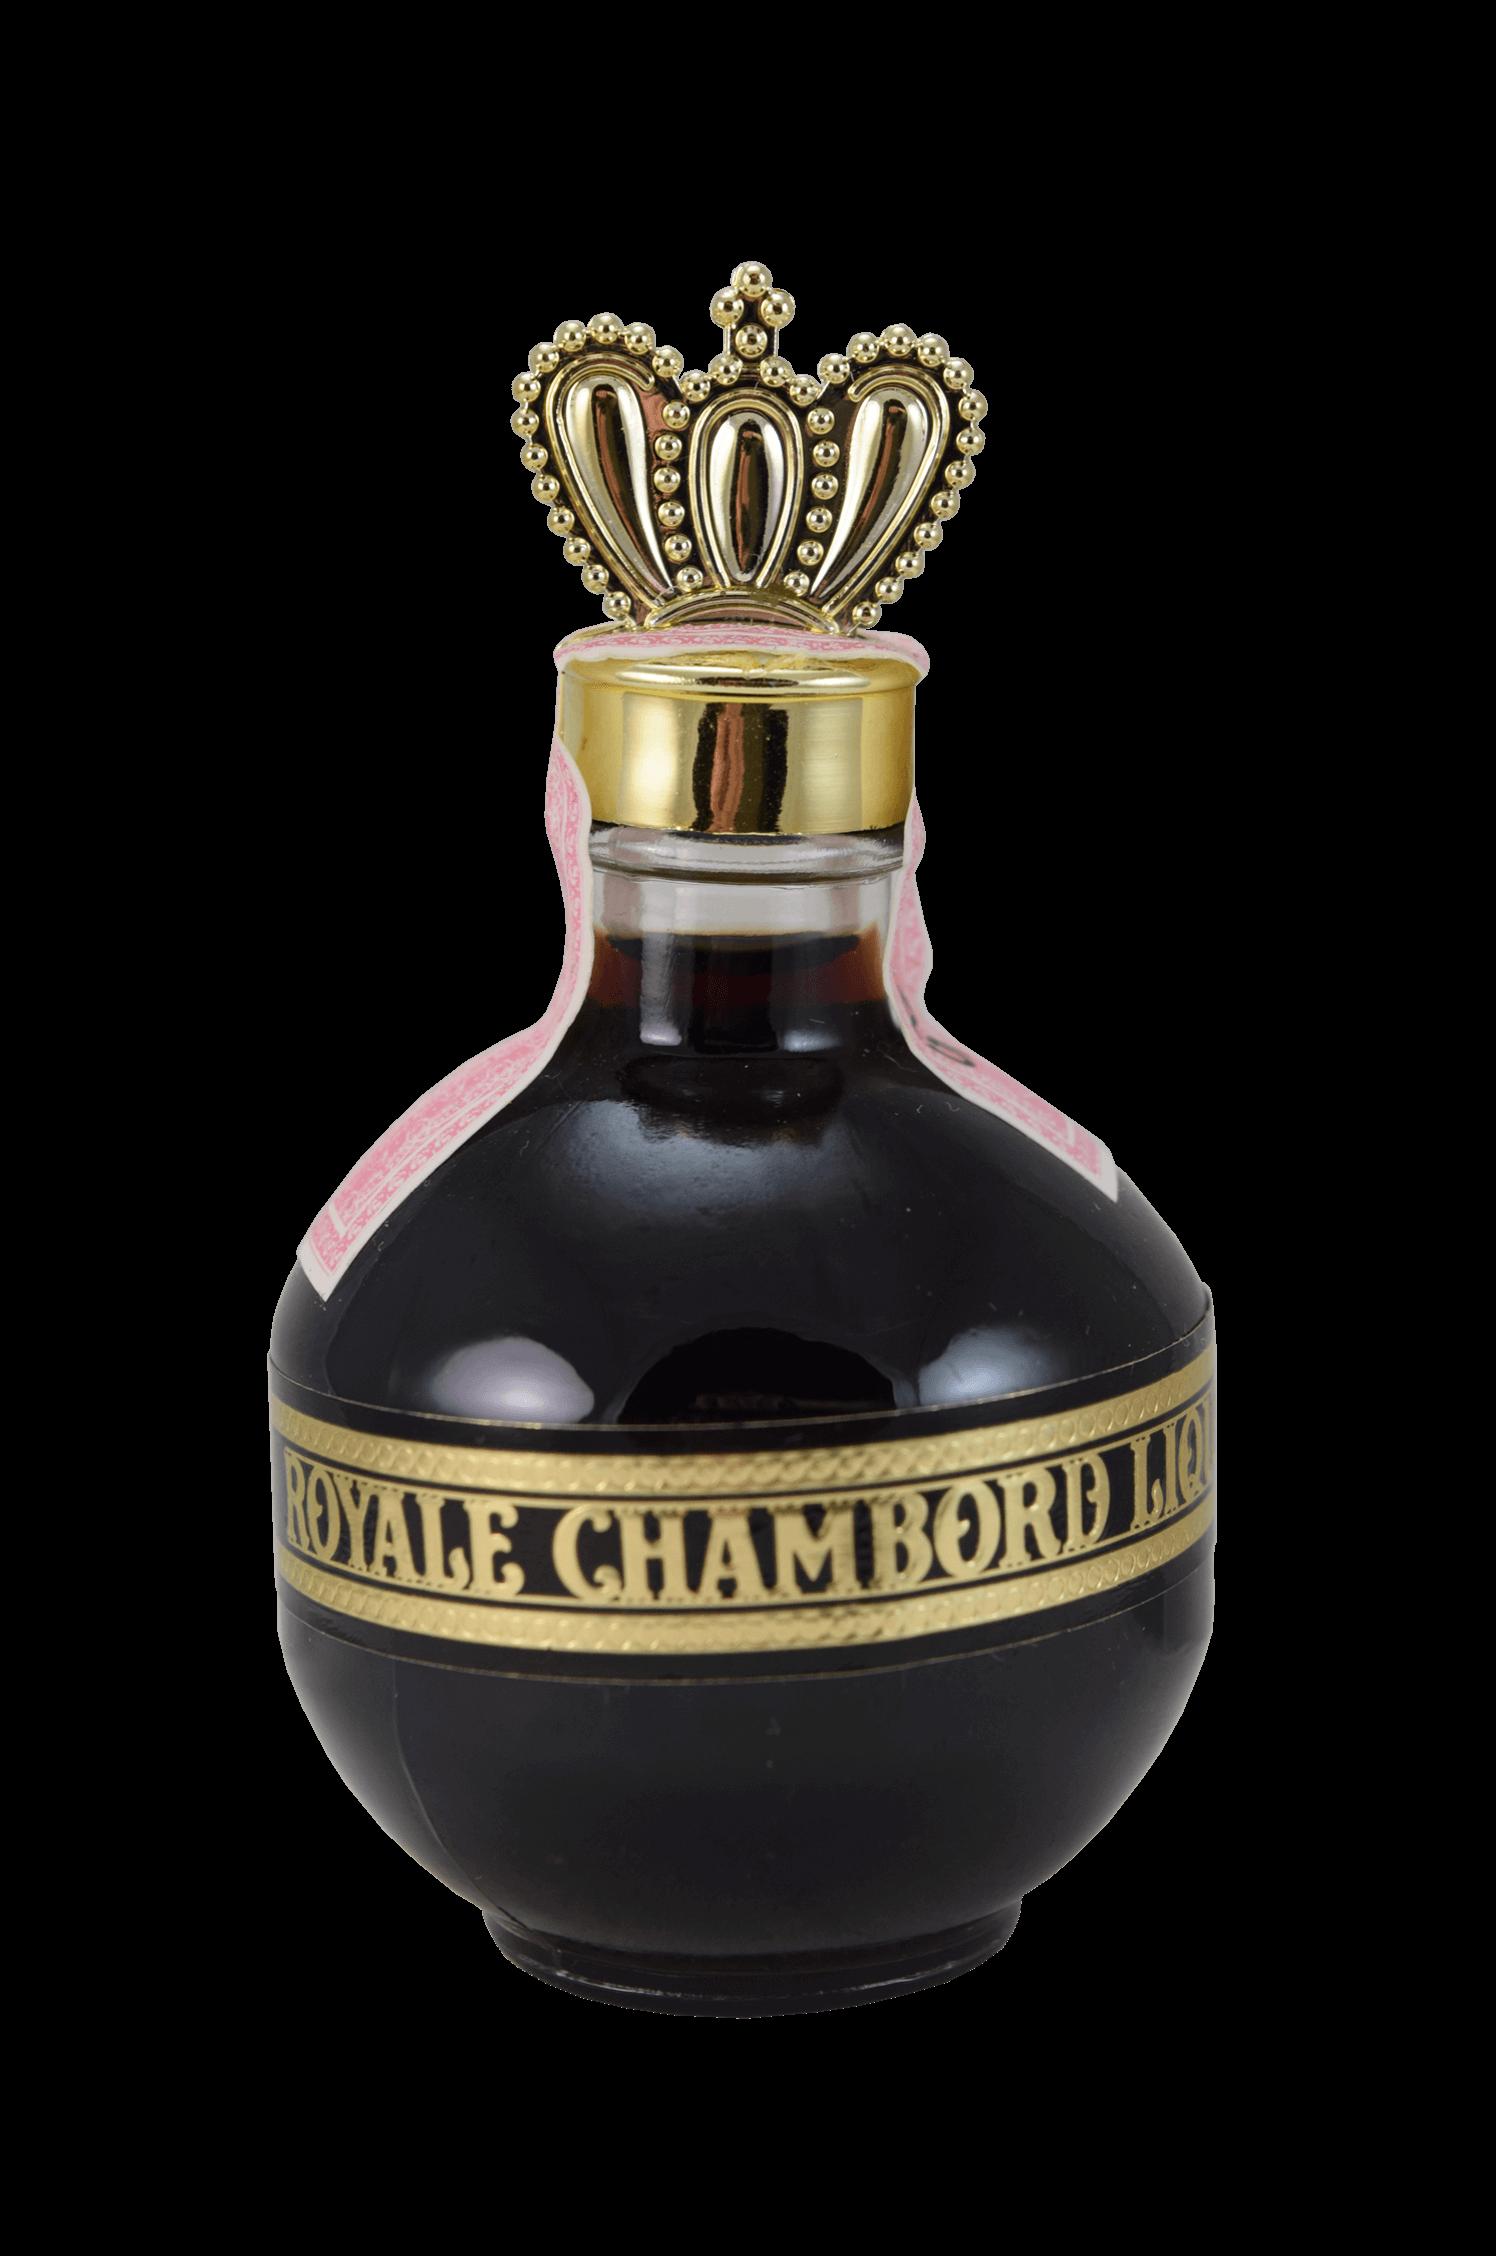 Royale Chambord Liqueur